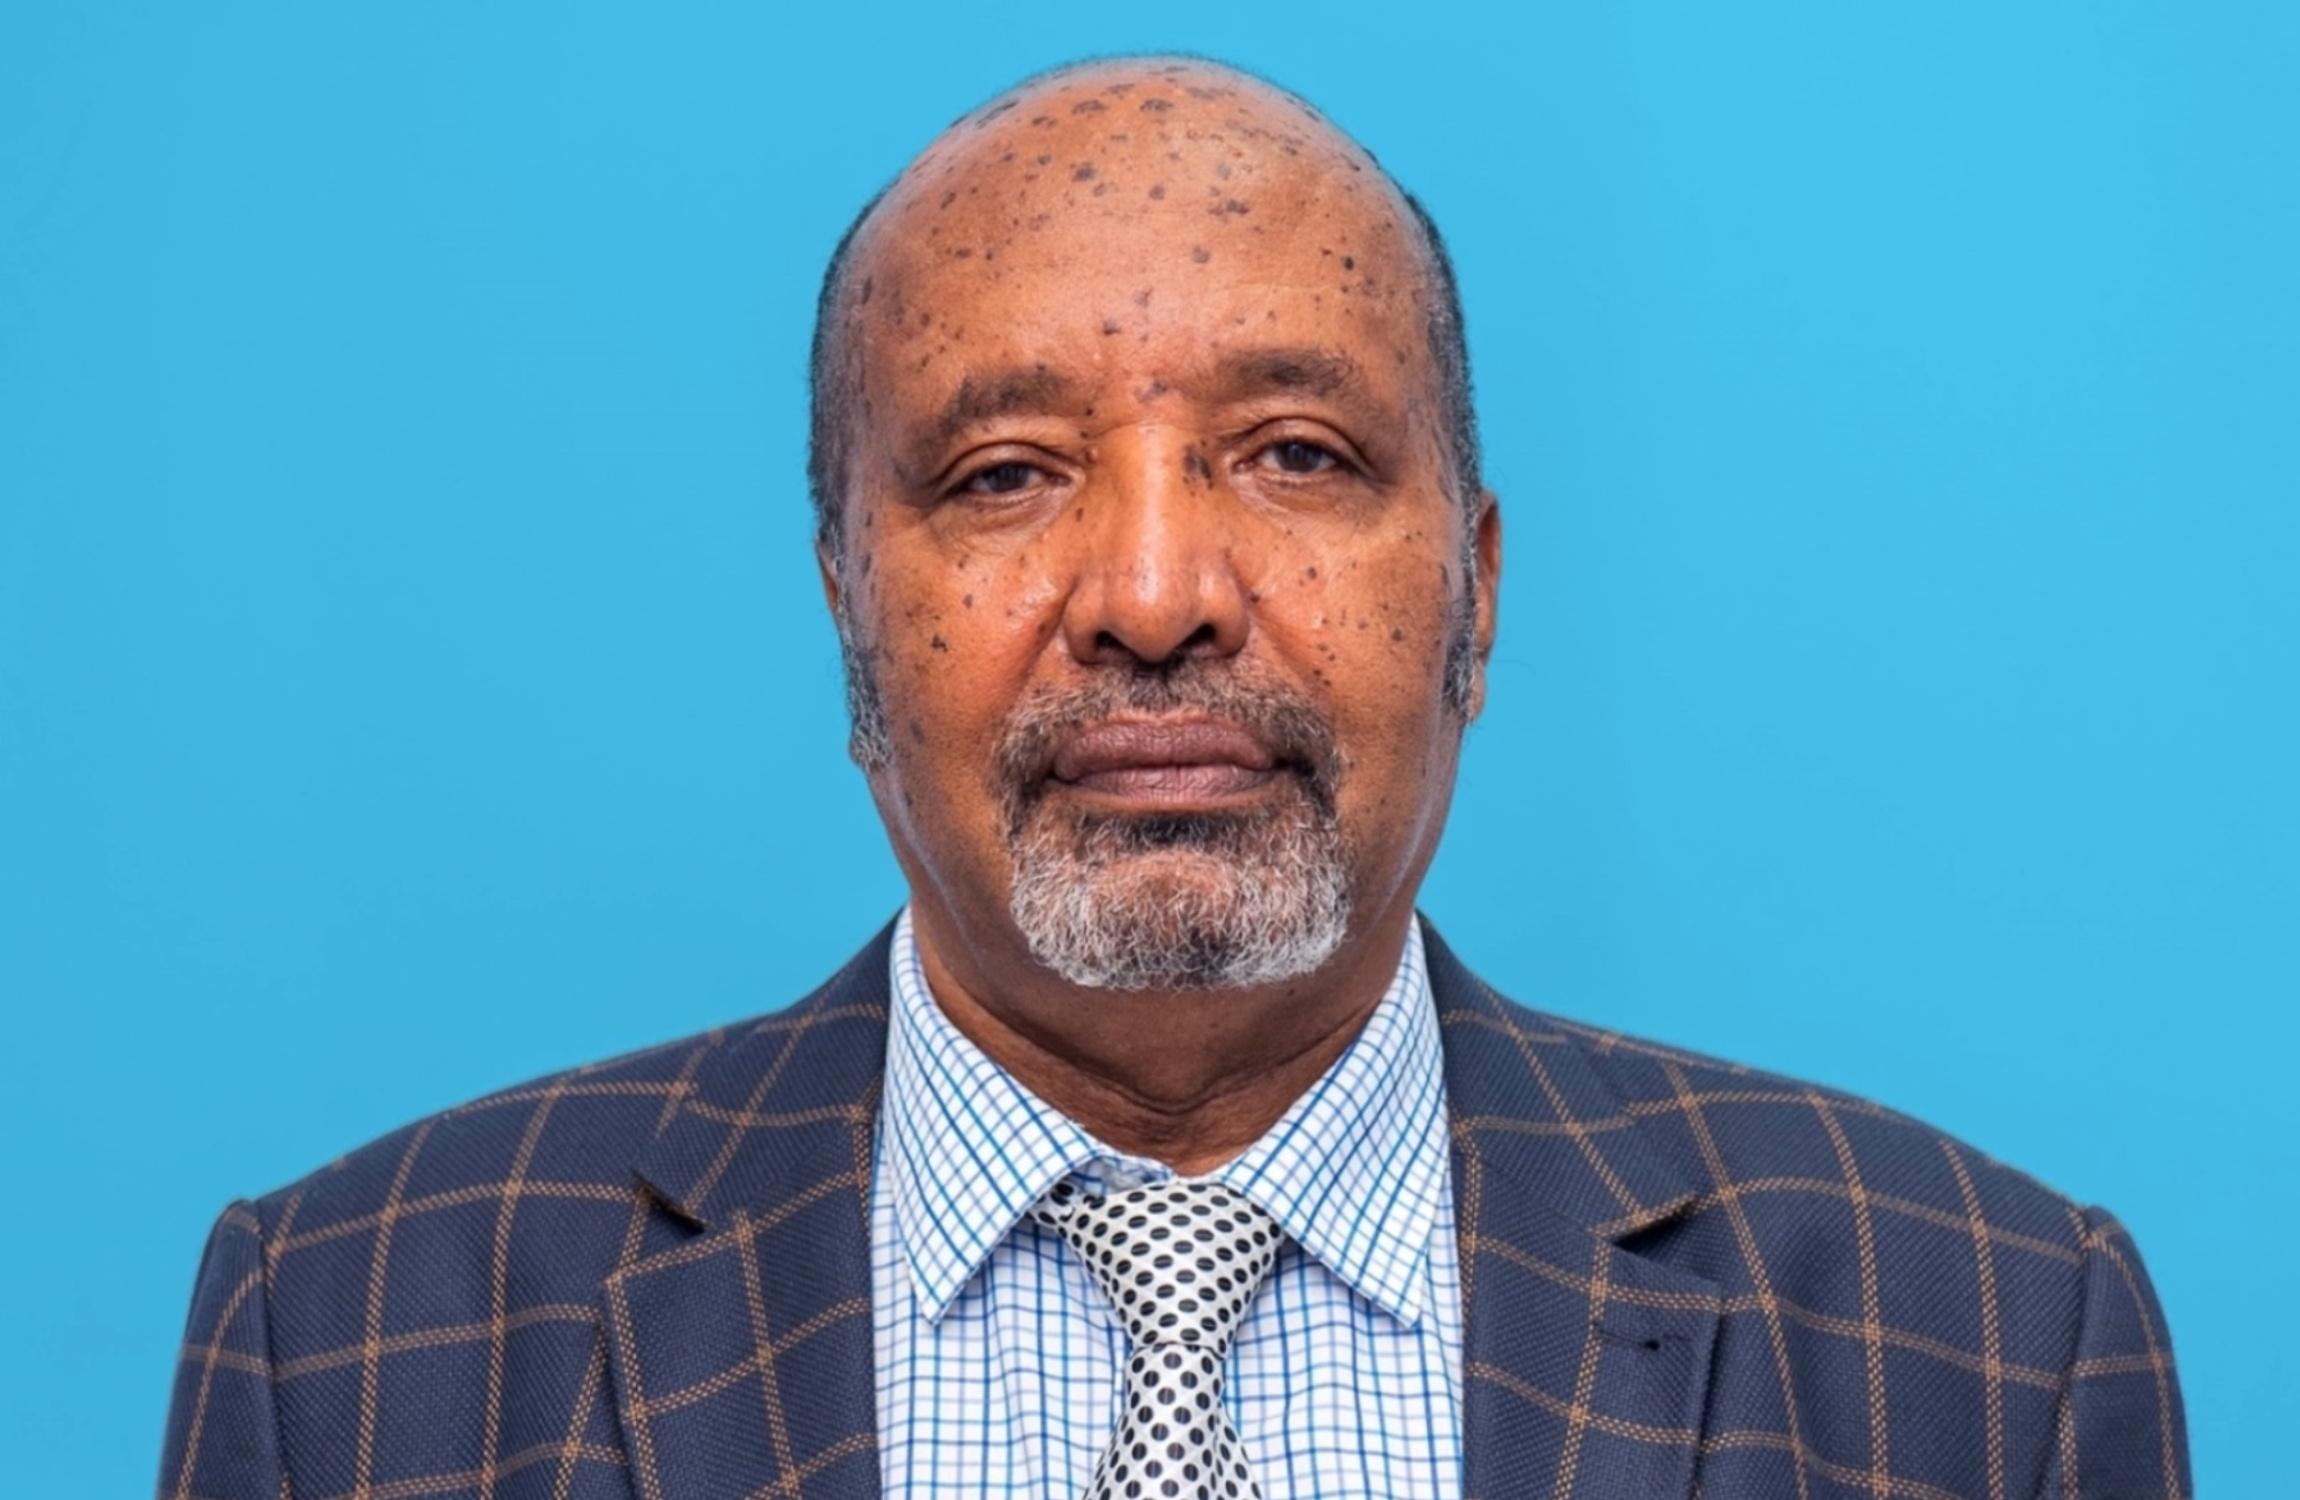 Tekalign T. Sahilu, Dr.